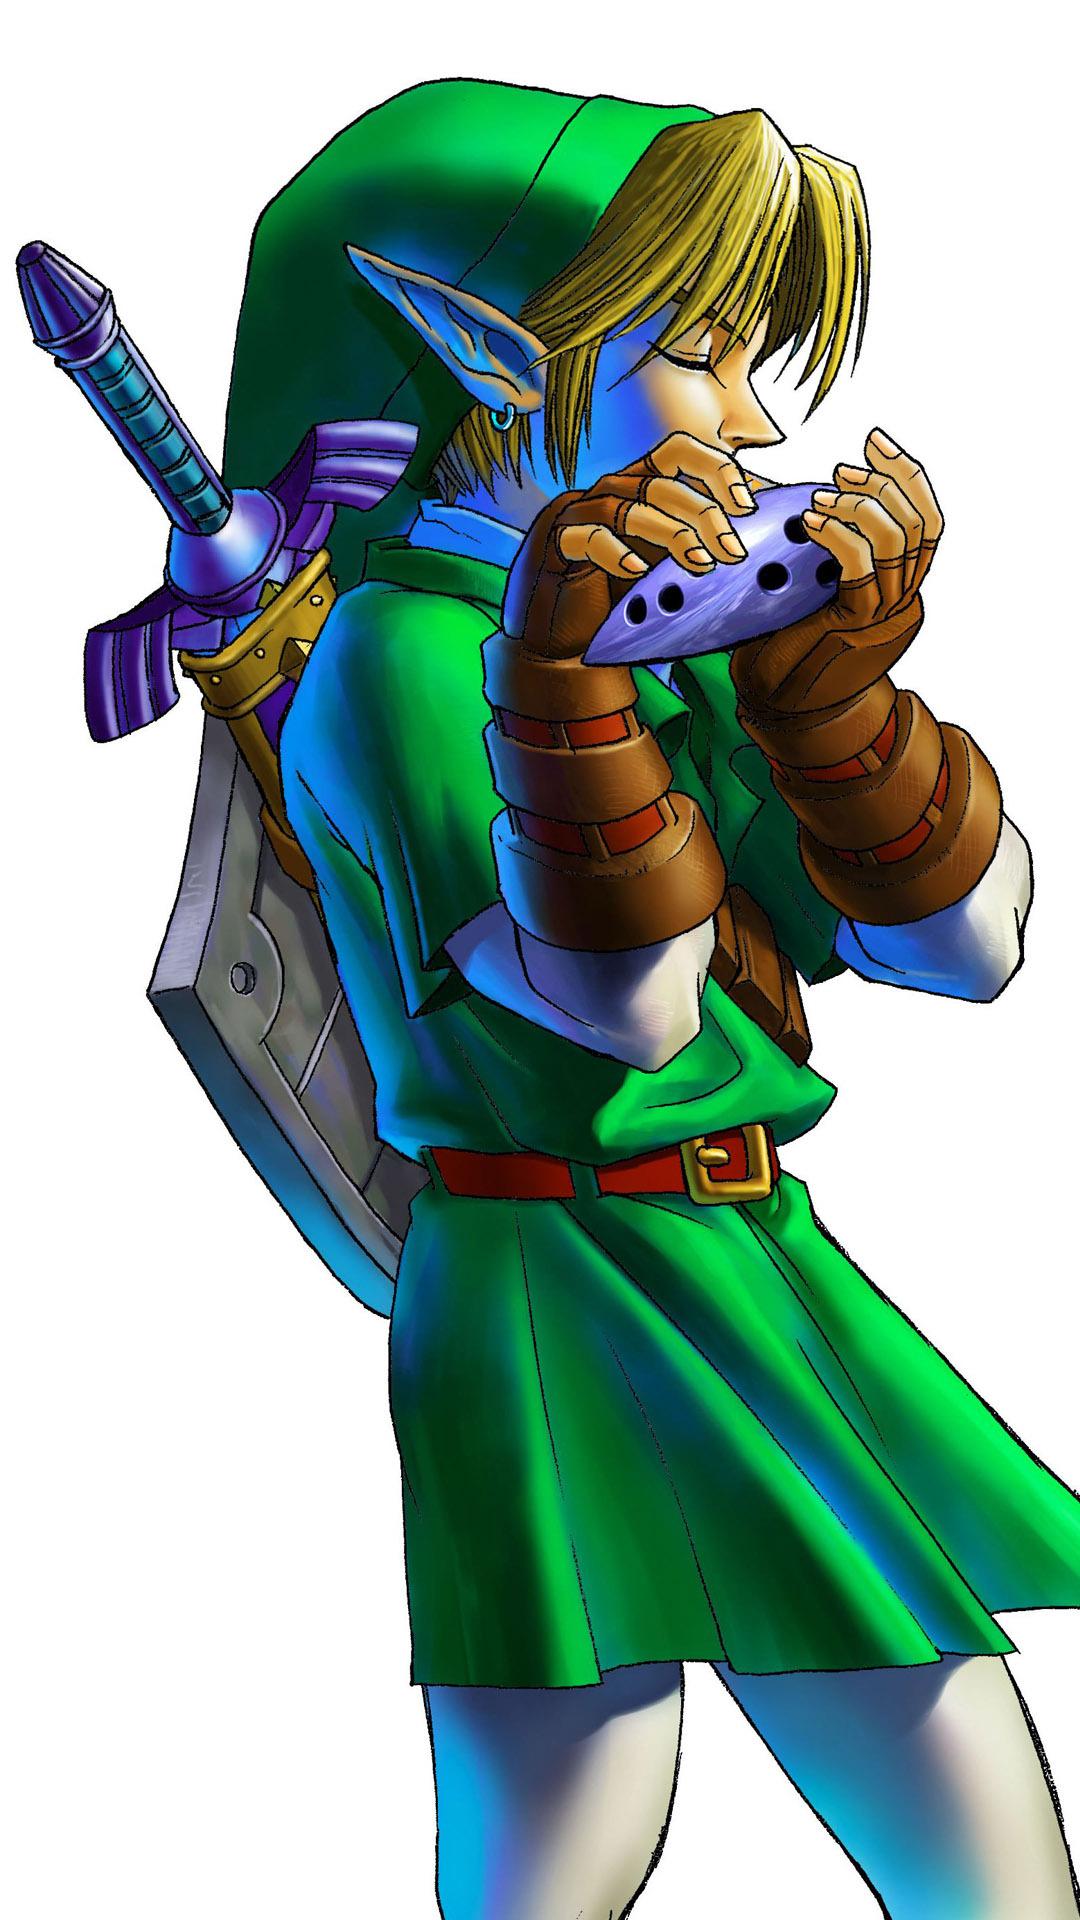 Free Download Hd Legend Of Zelda Link Mobile Phone